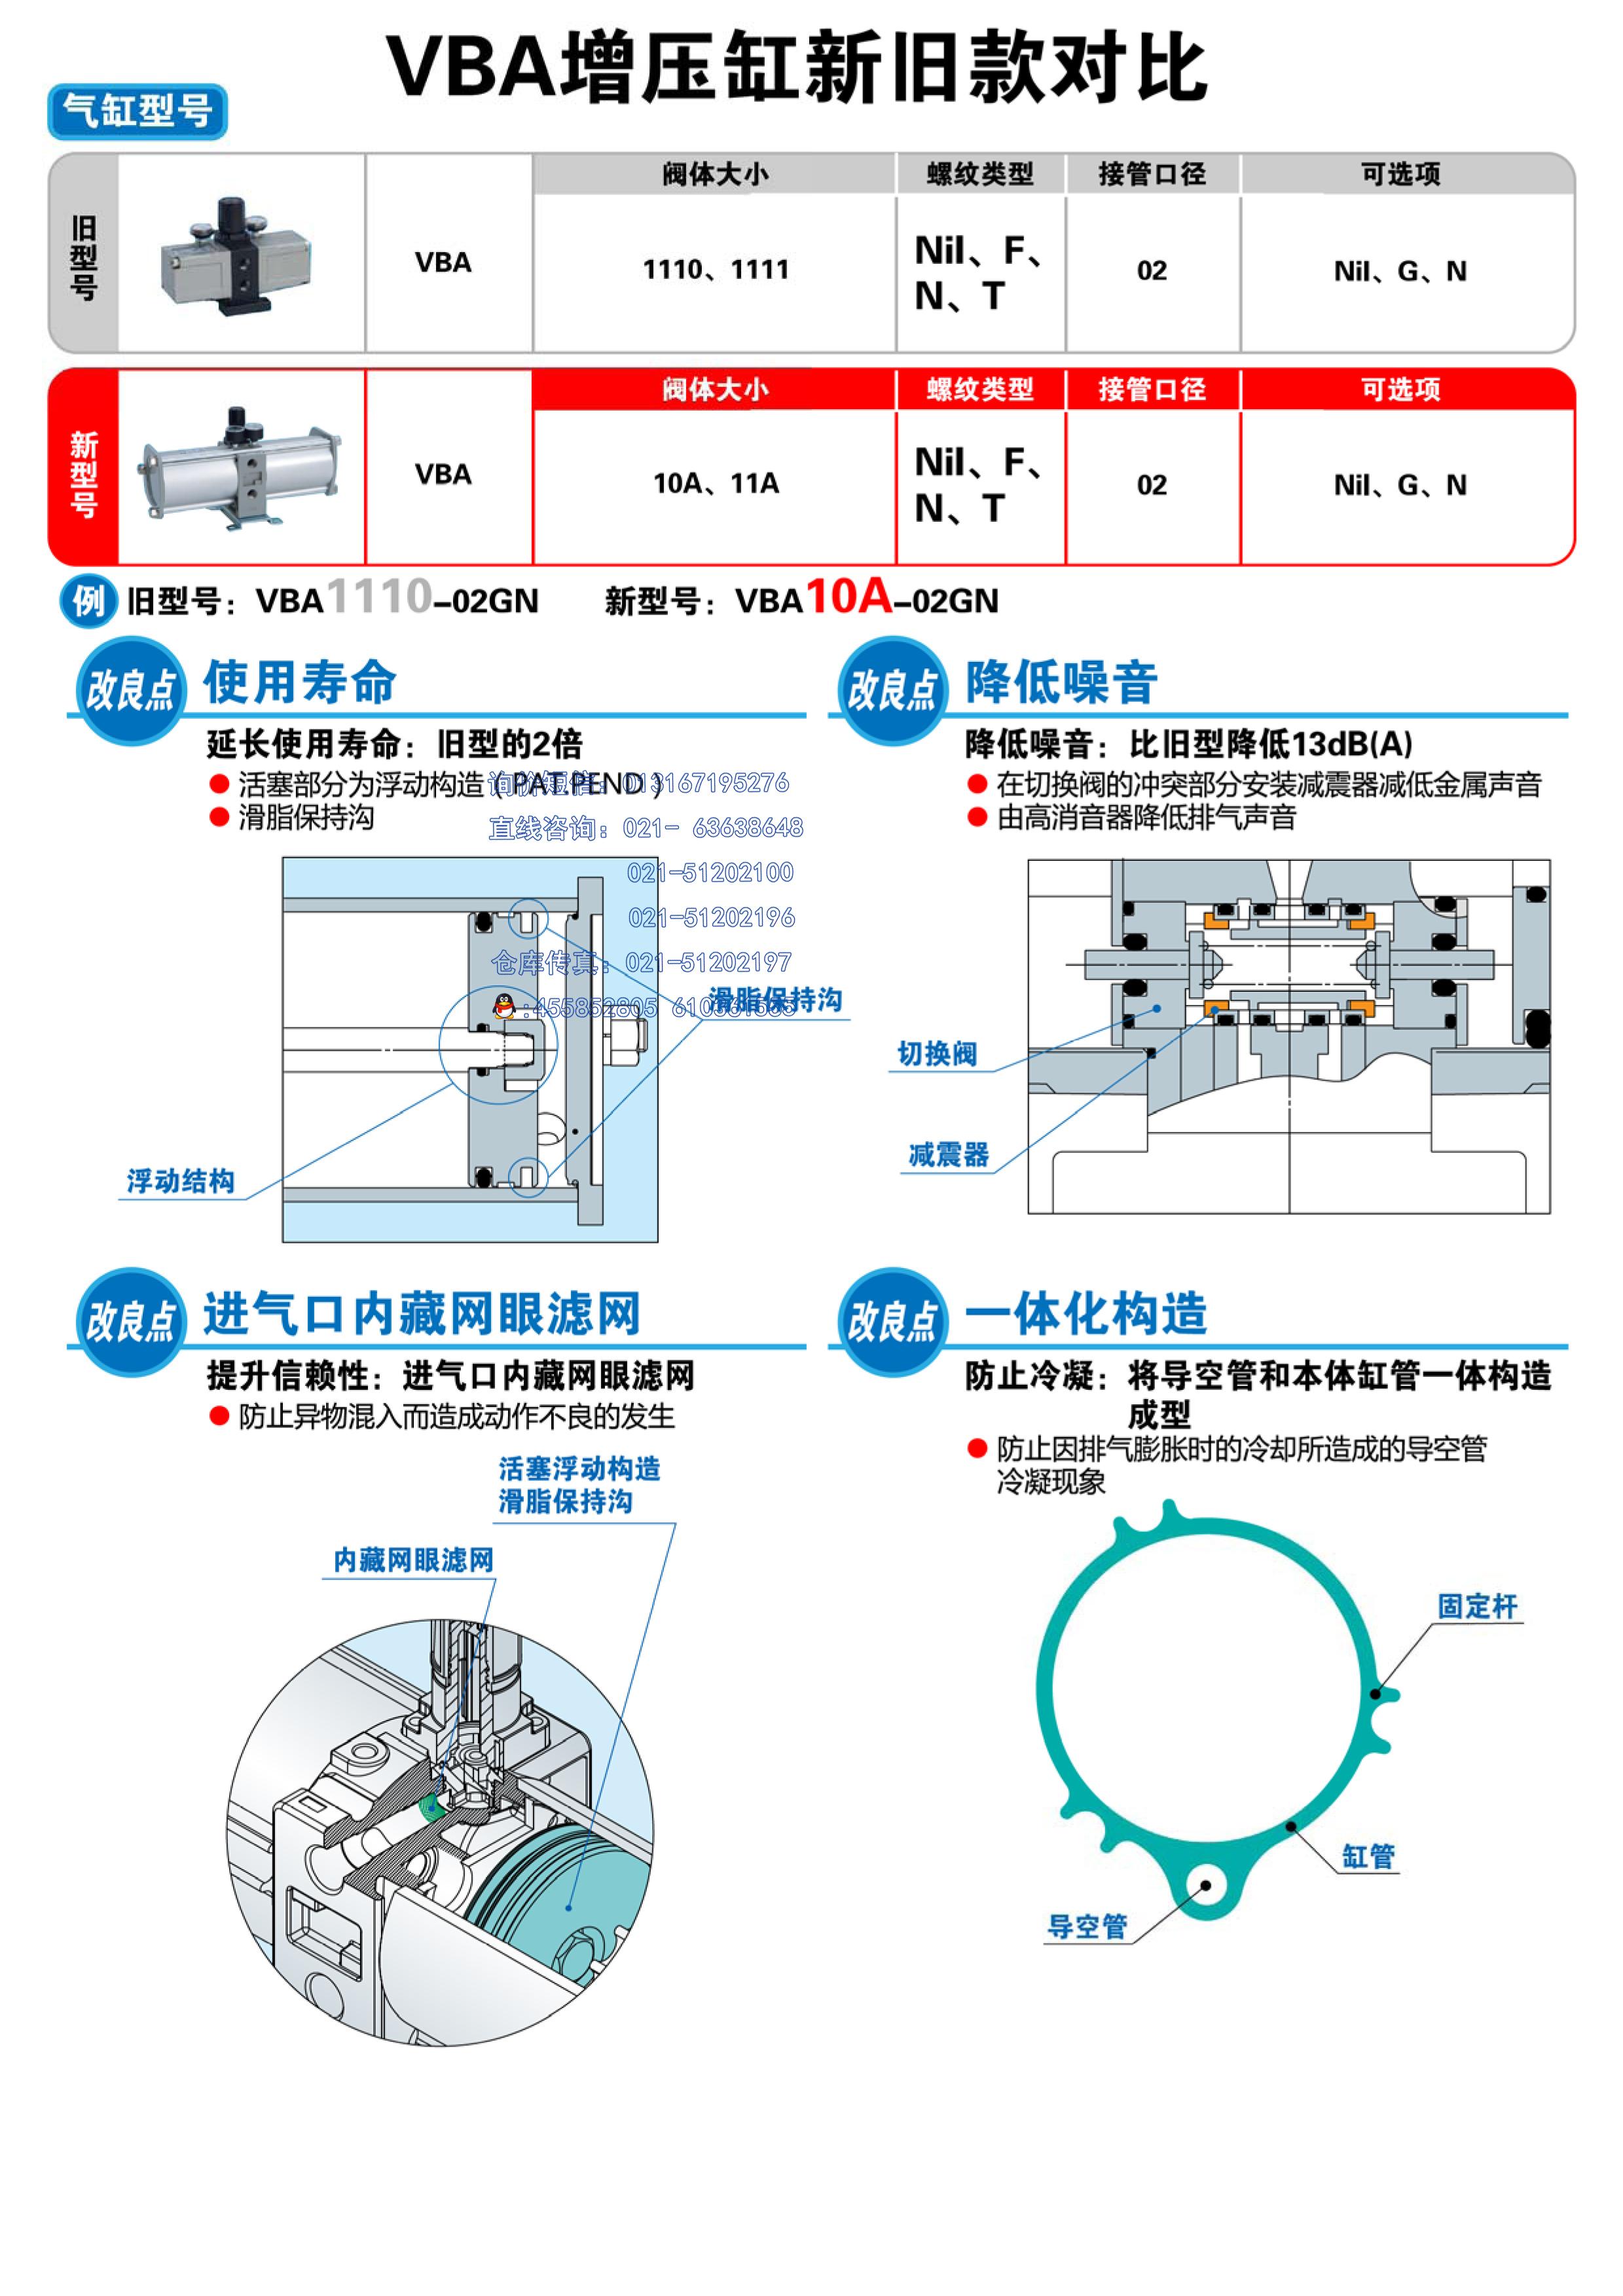 VBA4-18-1現貨資料圖片報價